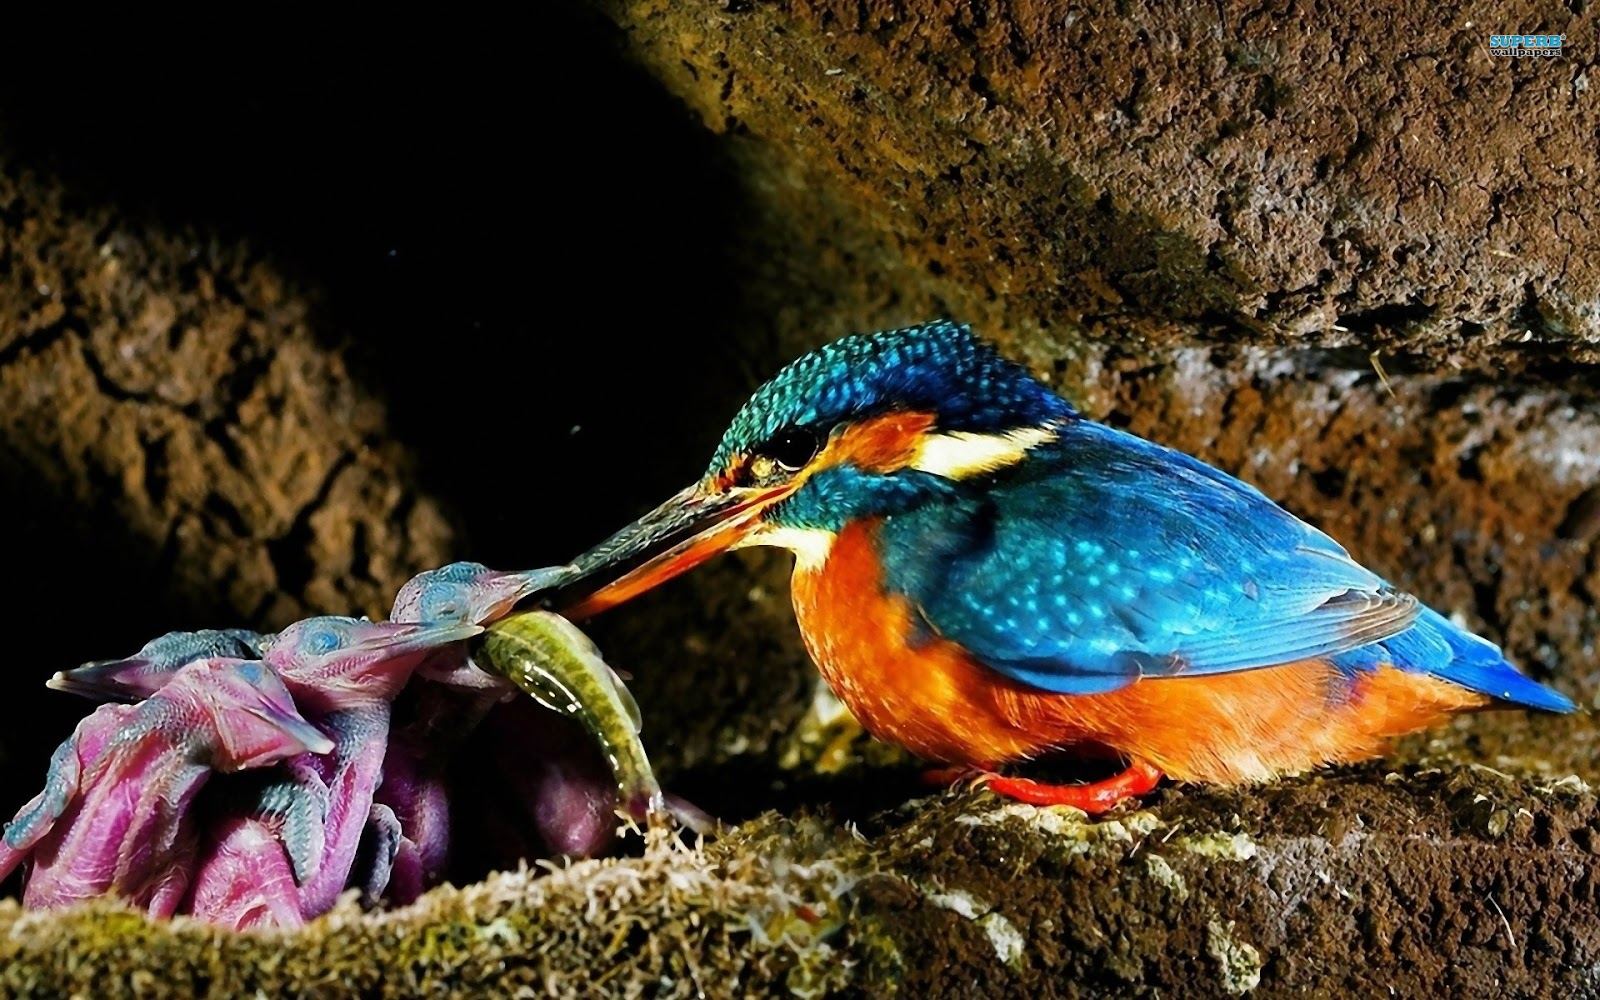 WildLife: Malachite Kingfisher Beautiful Bird Of The World